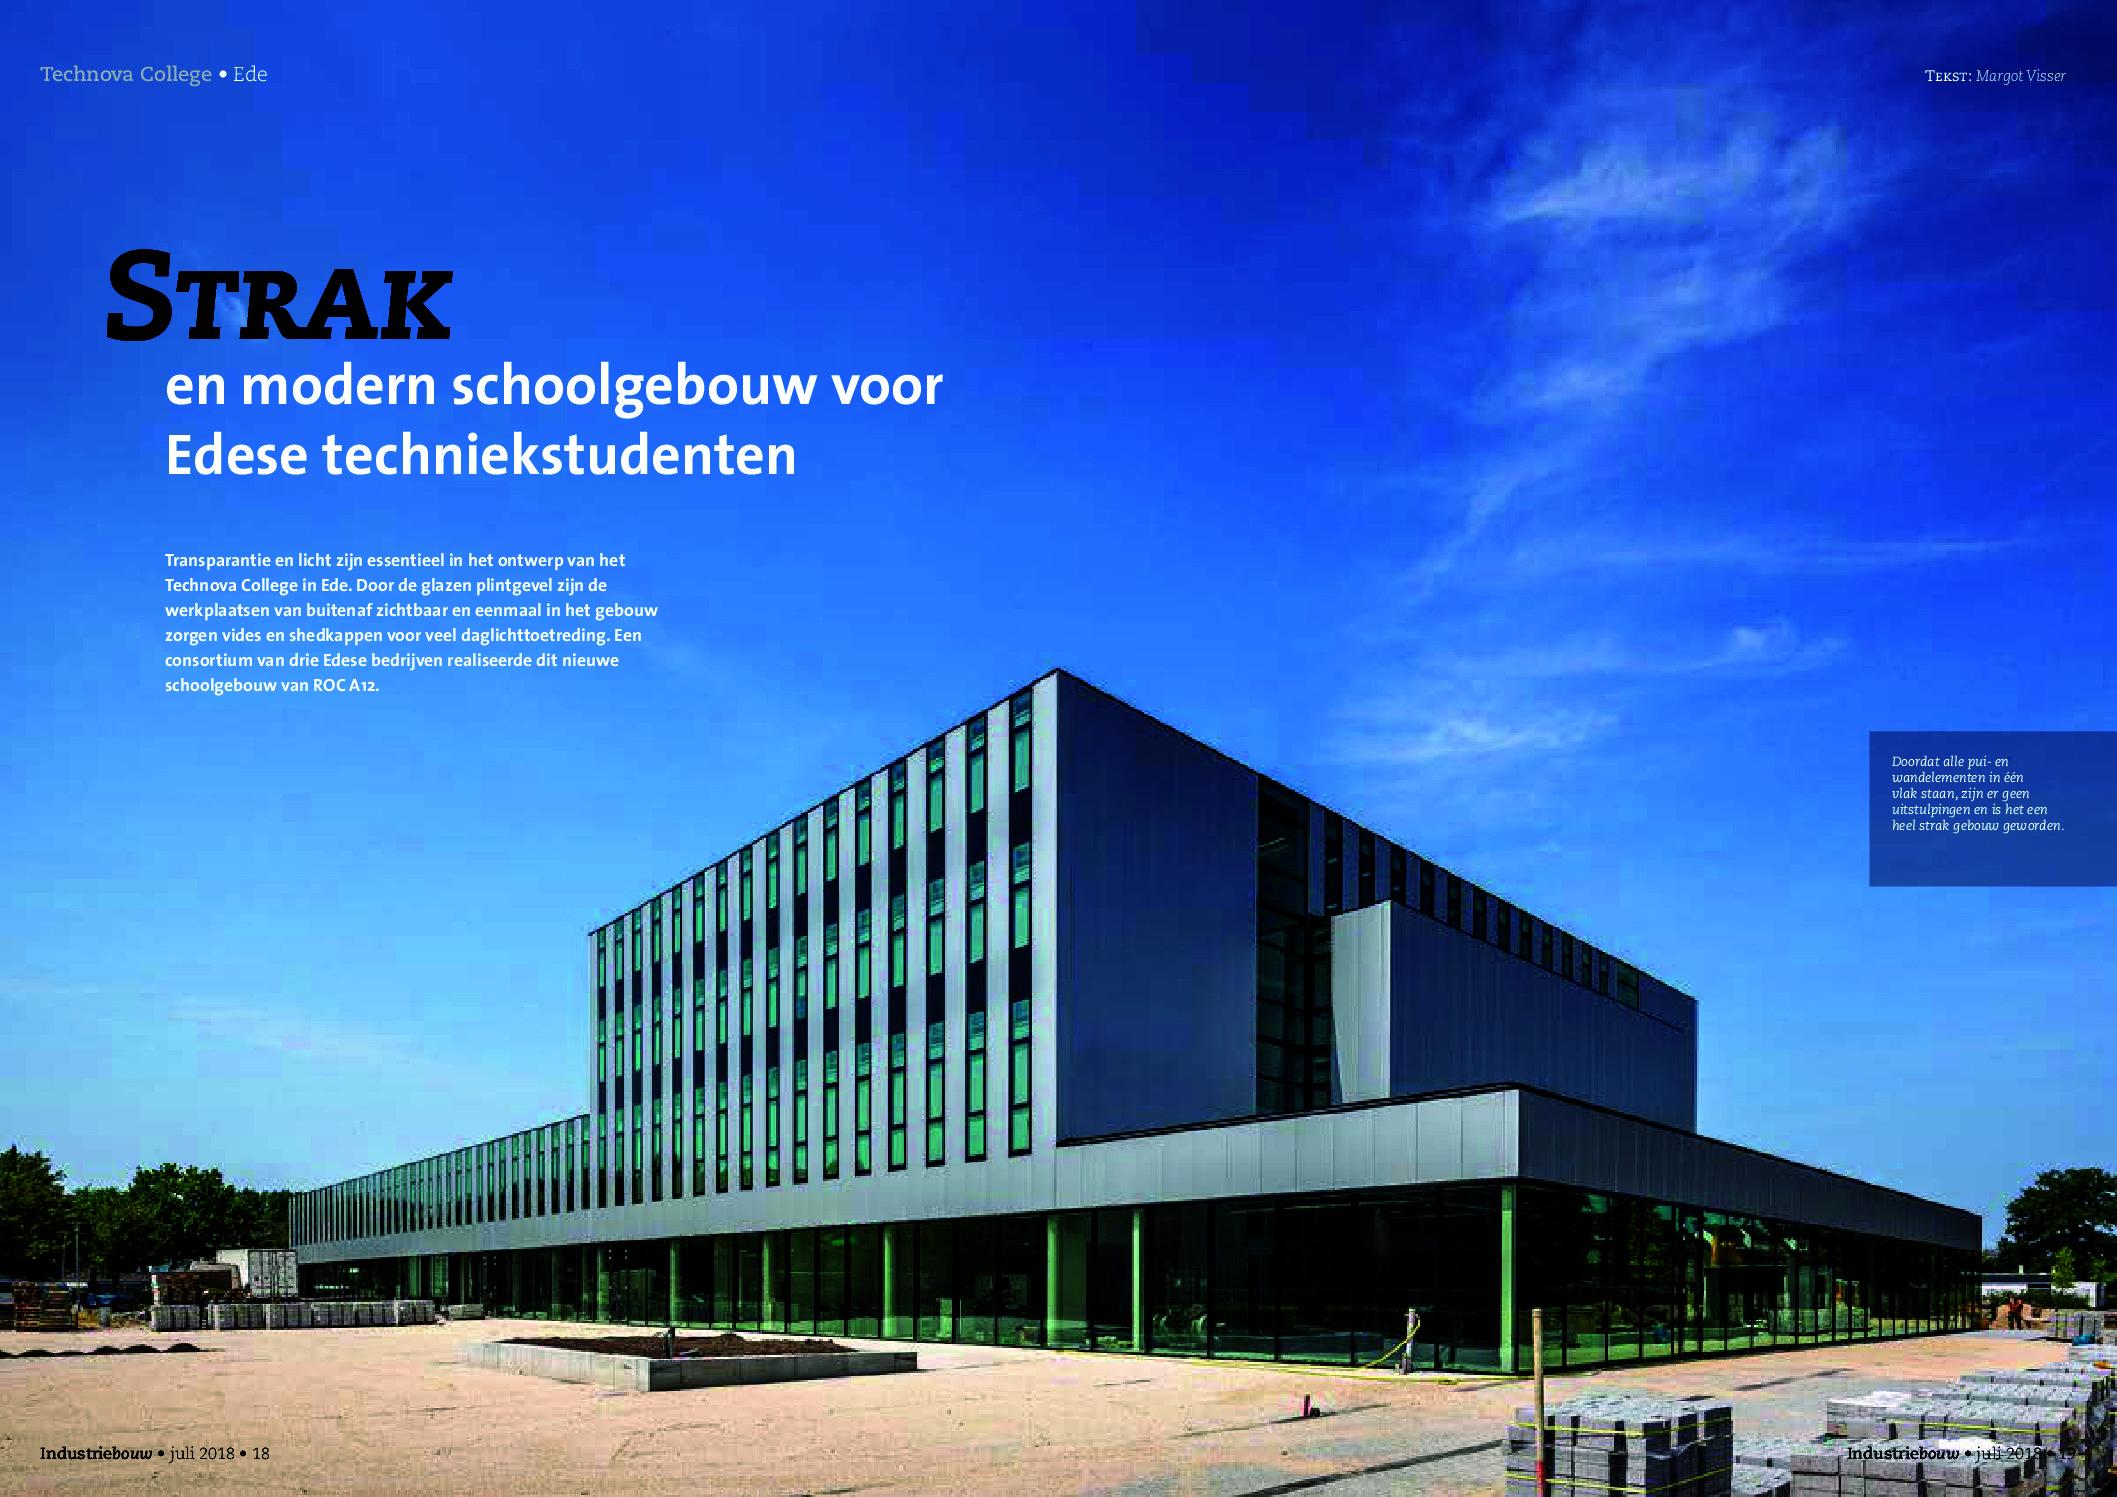 Leuk artikel over het project Technova college. Ook benieuwd?